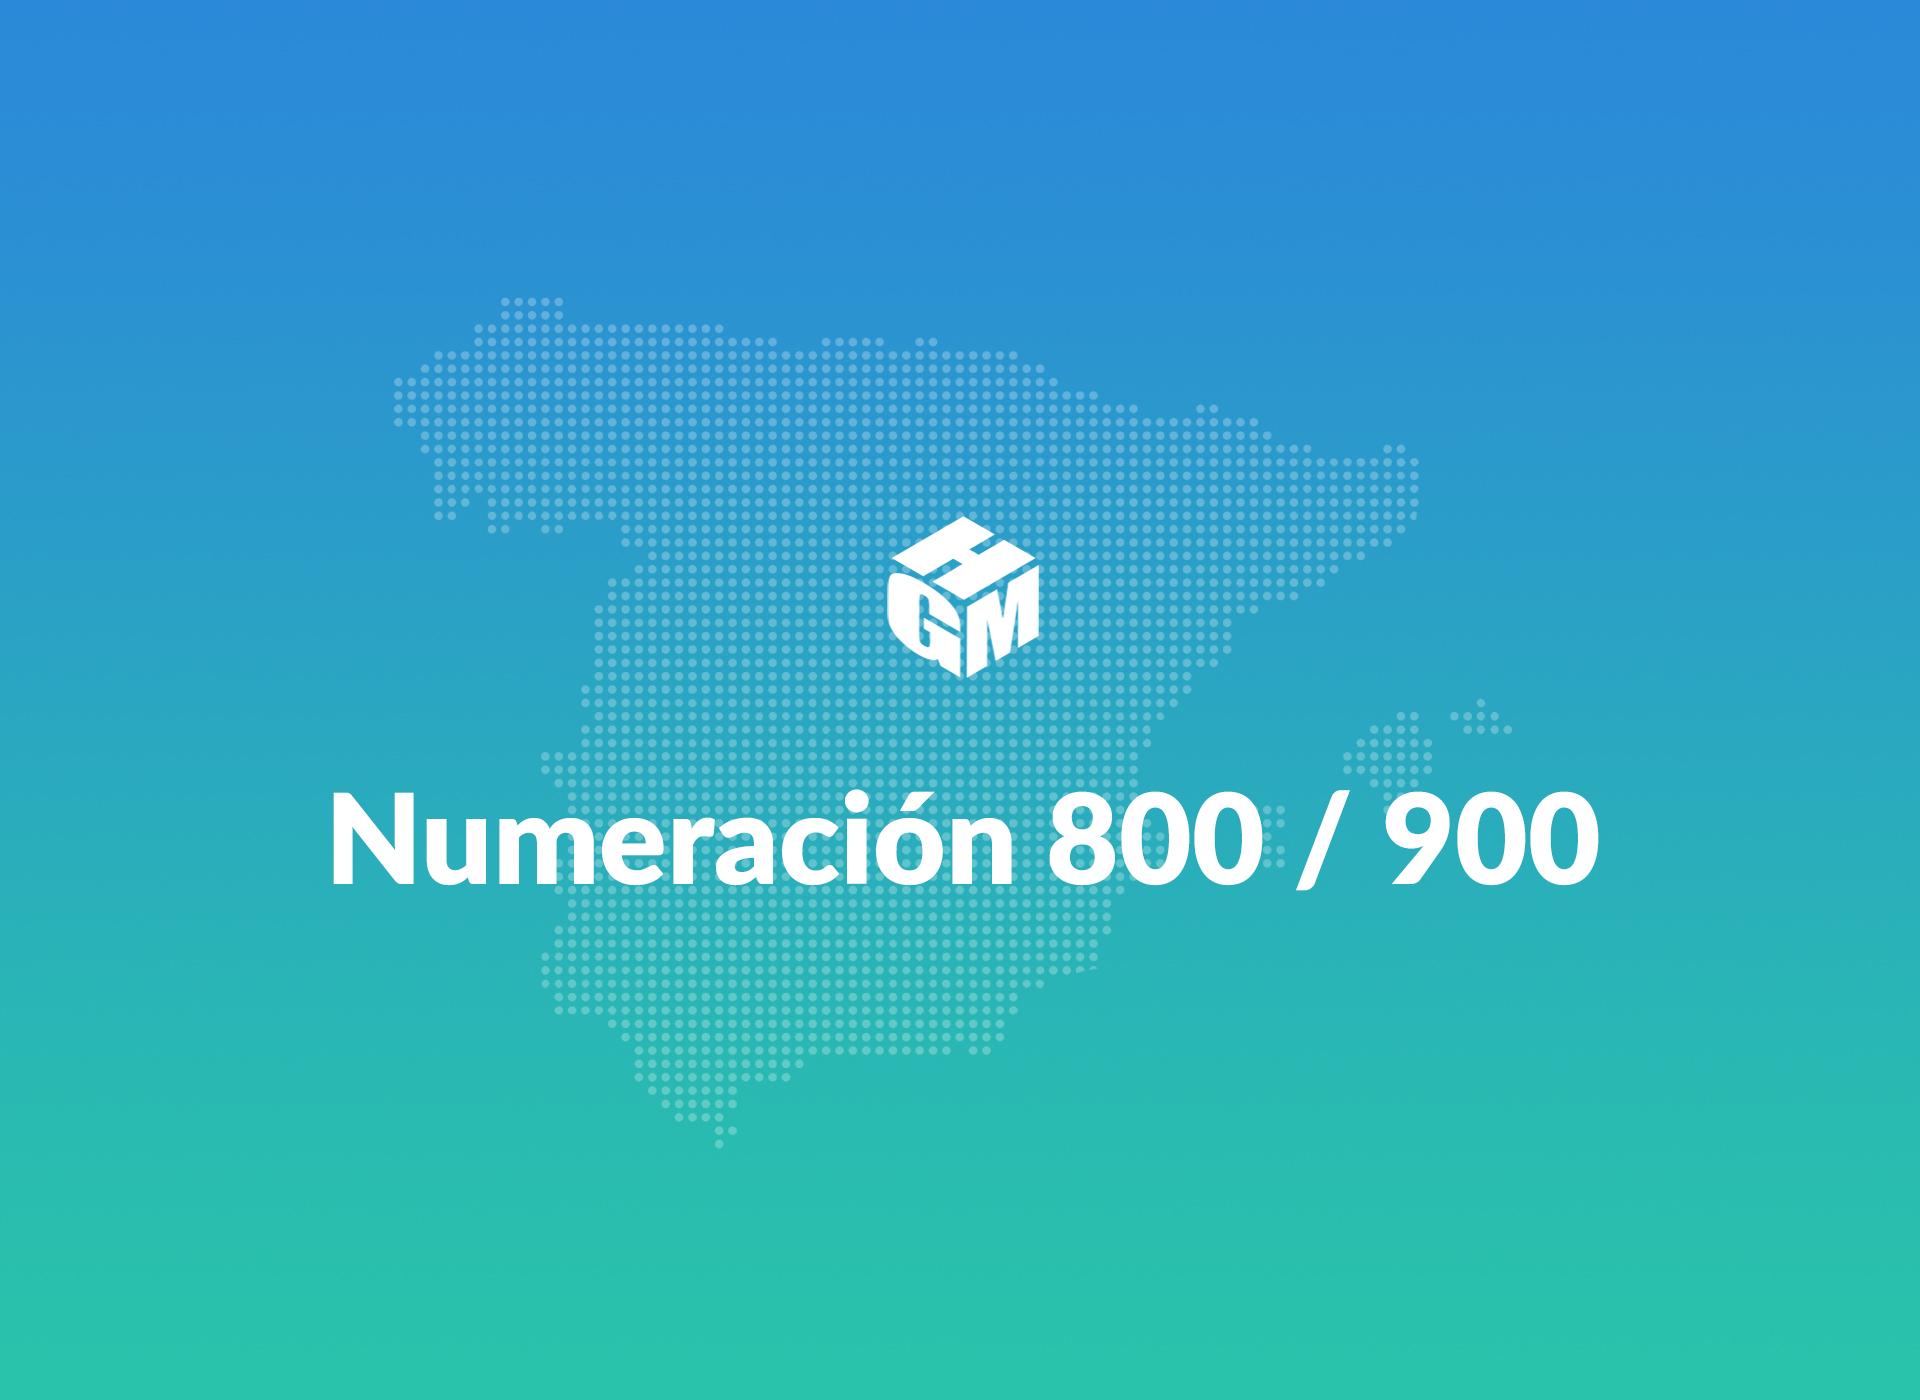 Numeración 800 - 900